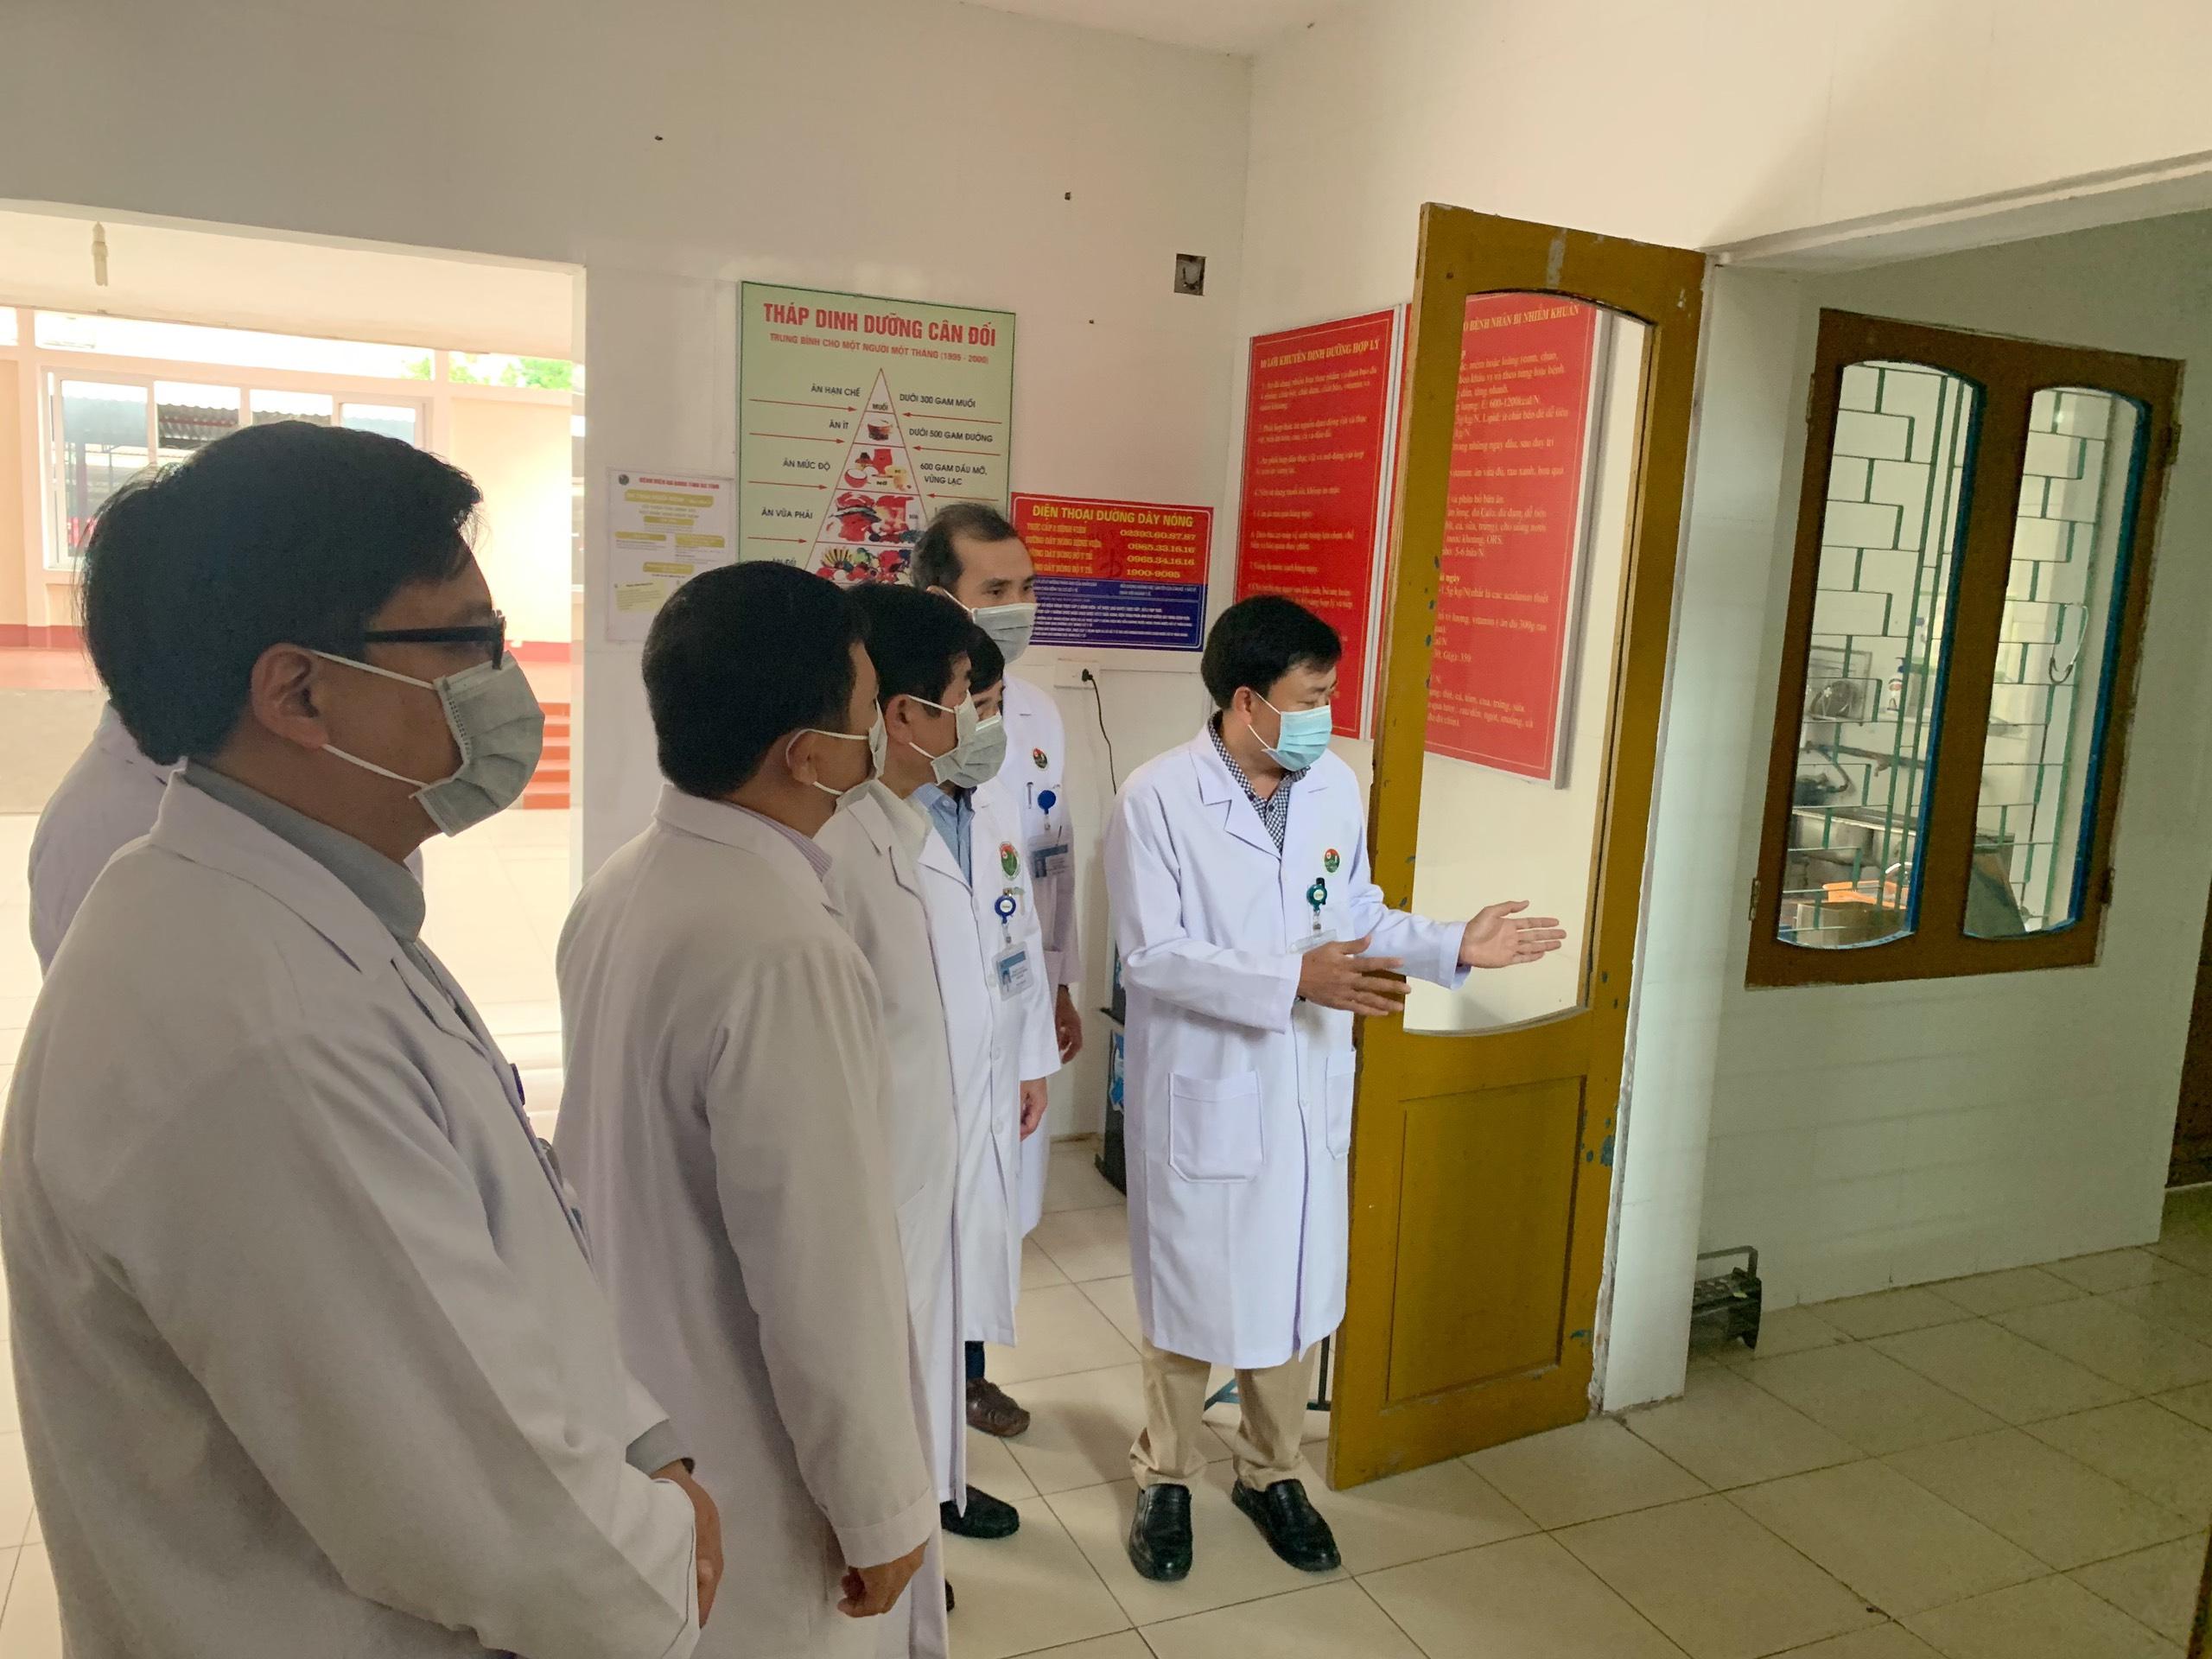 Hà Tĩnh công bố đường dây nóng phòng chống dịch Corona